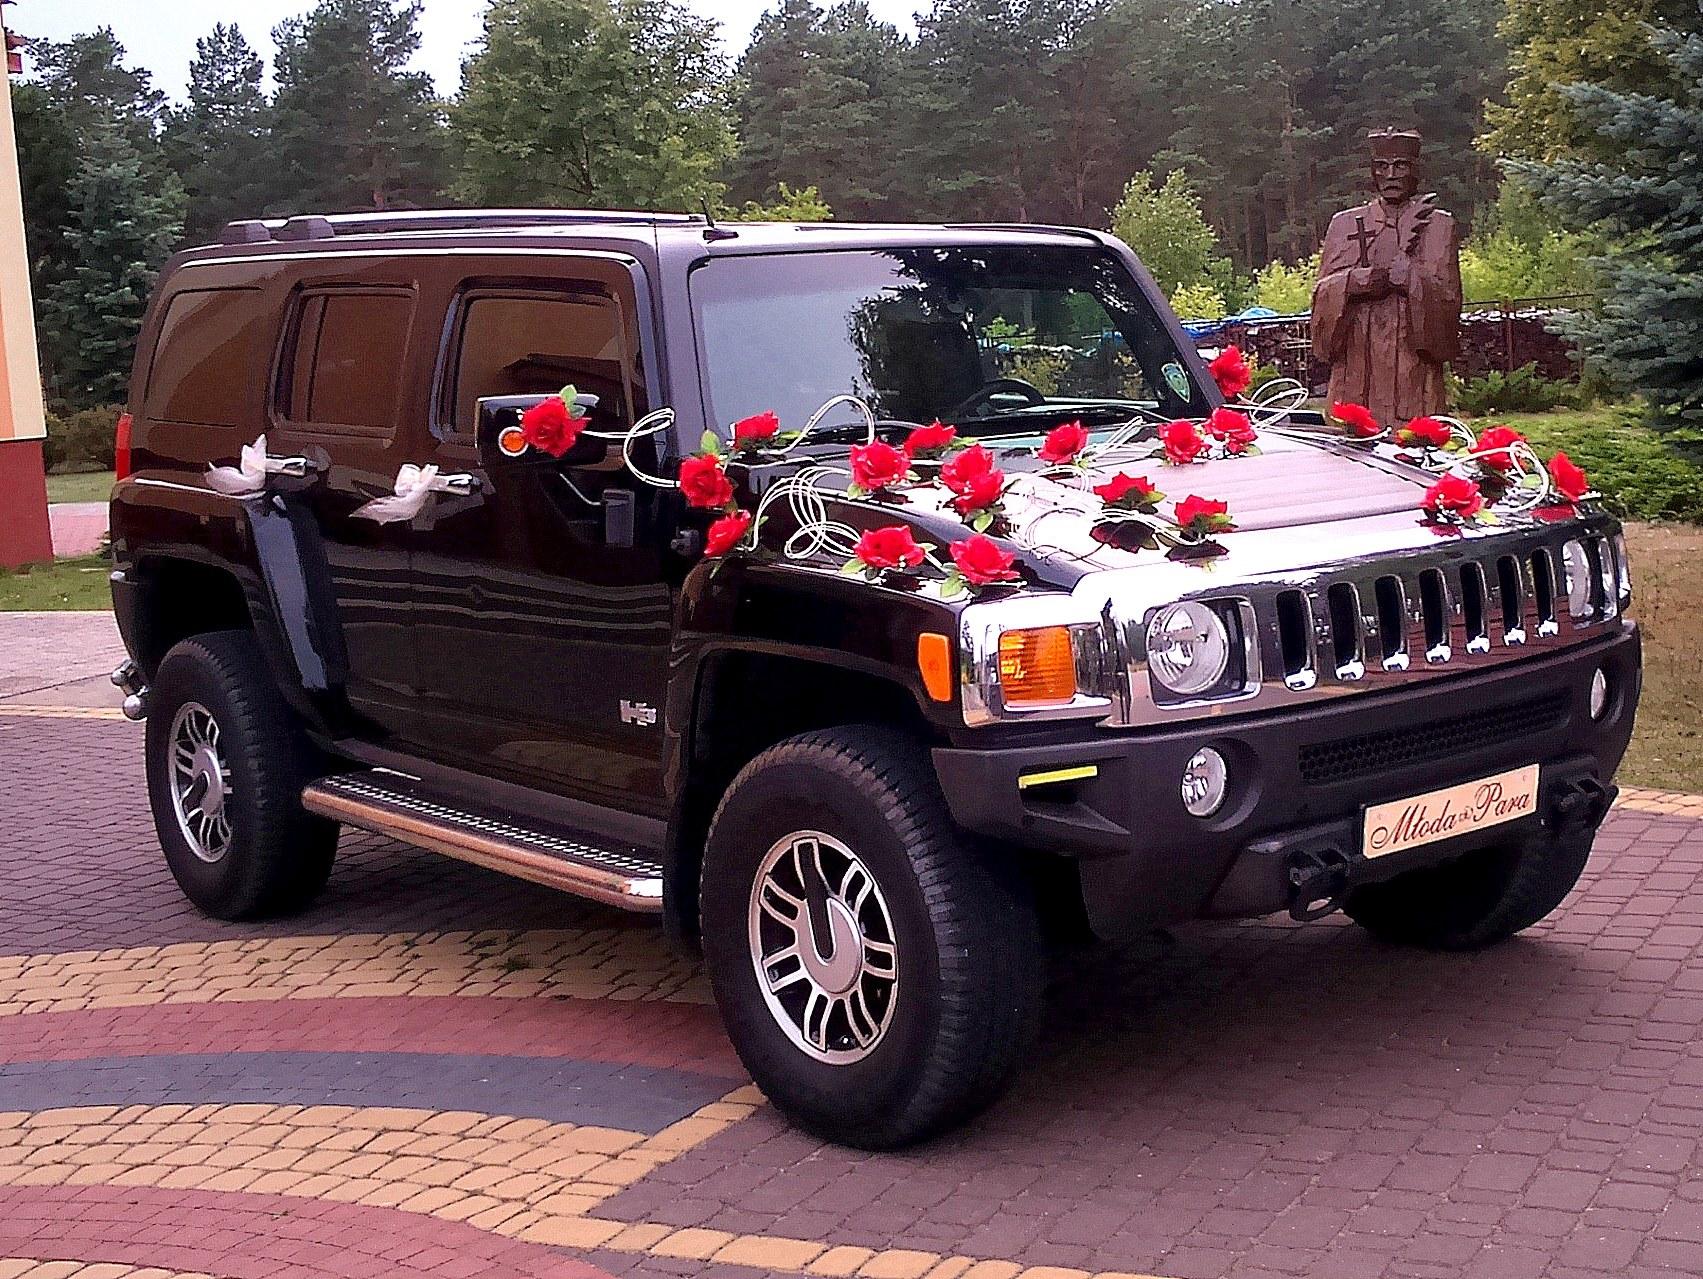 Wynajmę auta do ślubu i na imprezy okolicznościowe! Zapraszam!